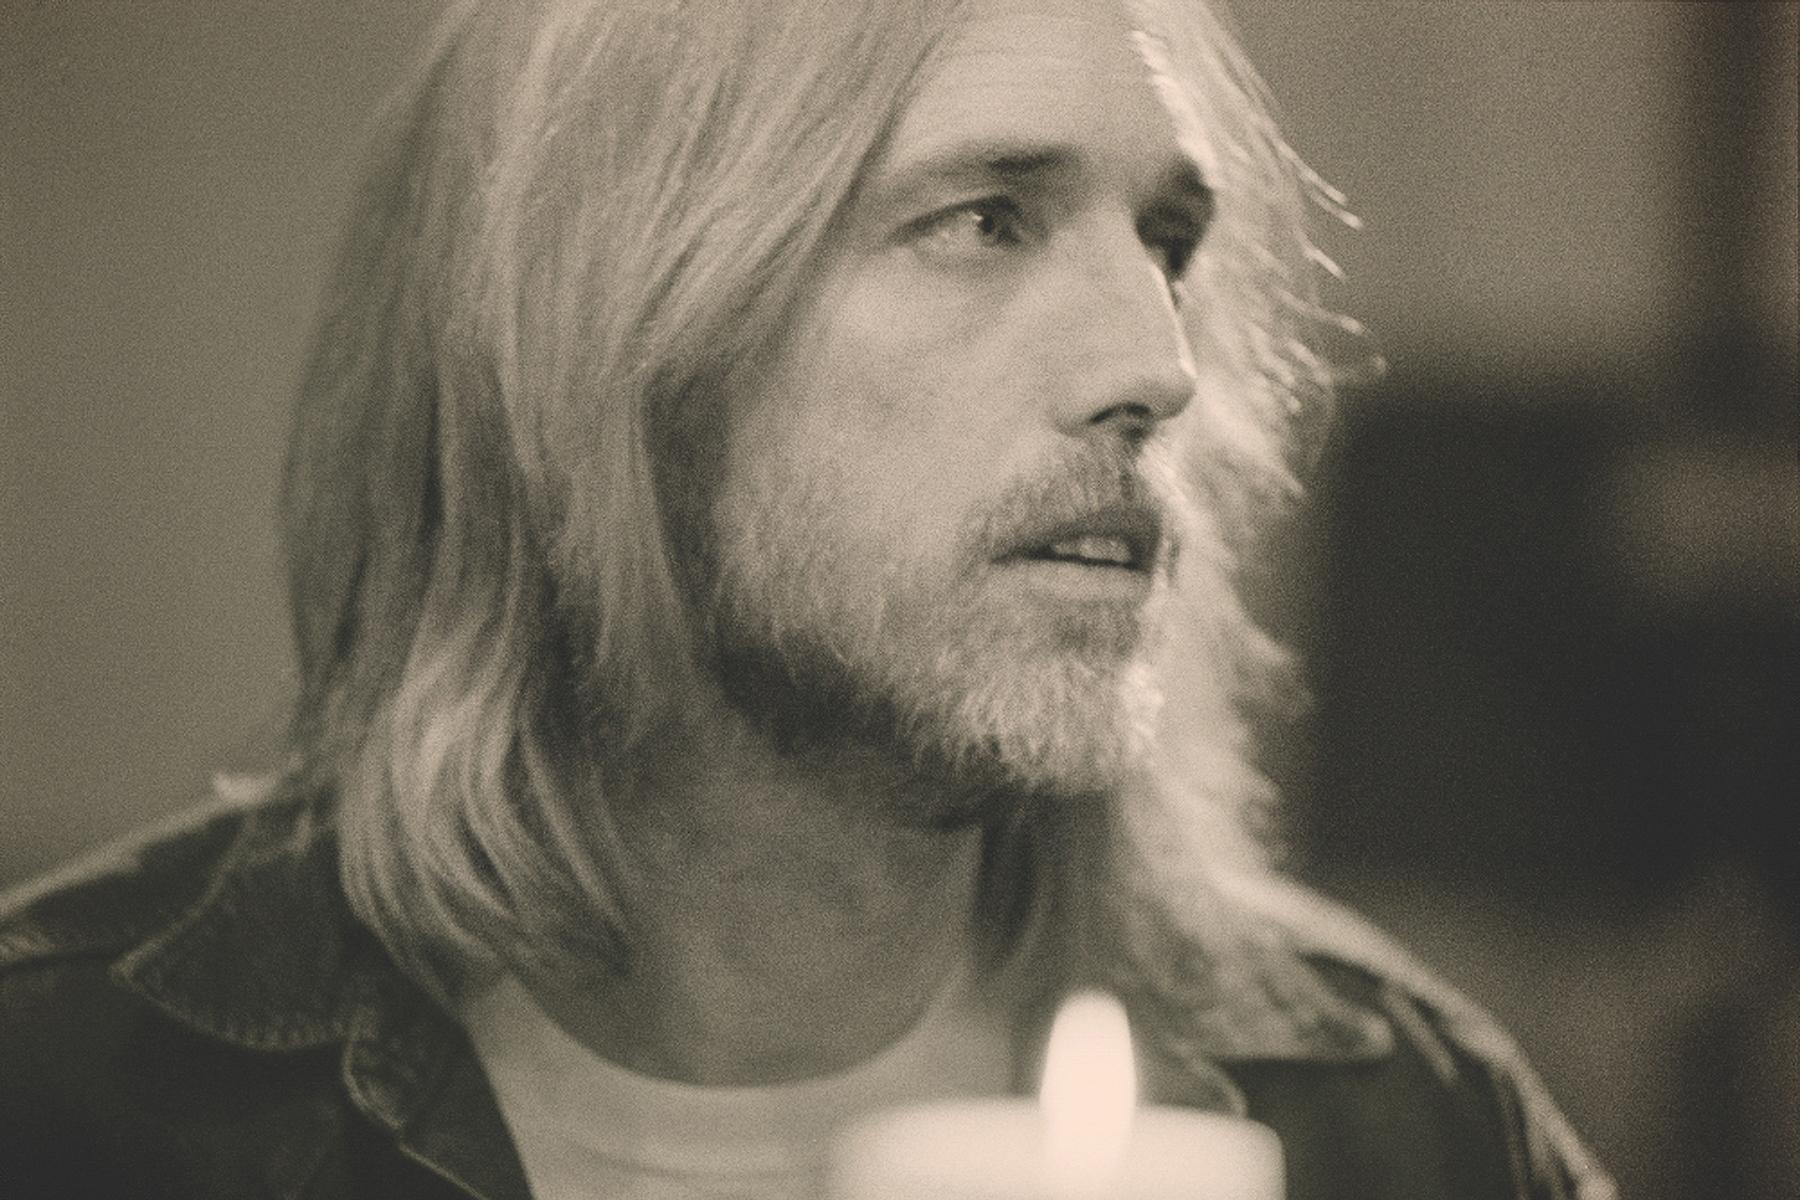 La canción inédita de Tom Petty '105 Degrees' cae con un video con letra